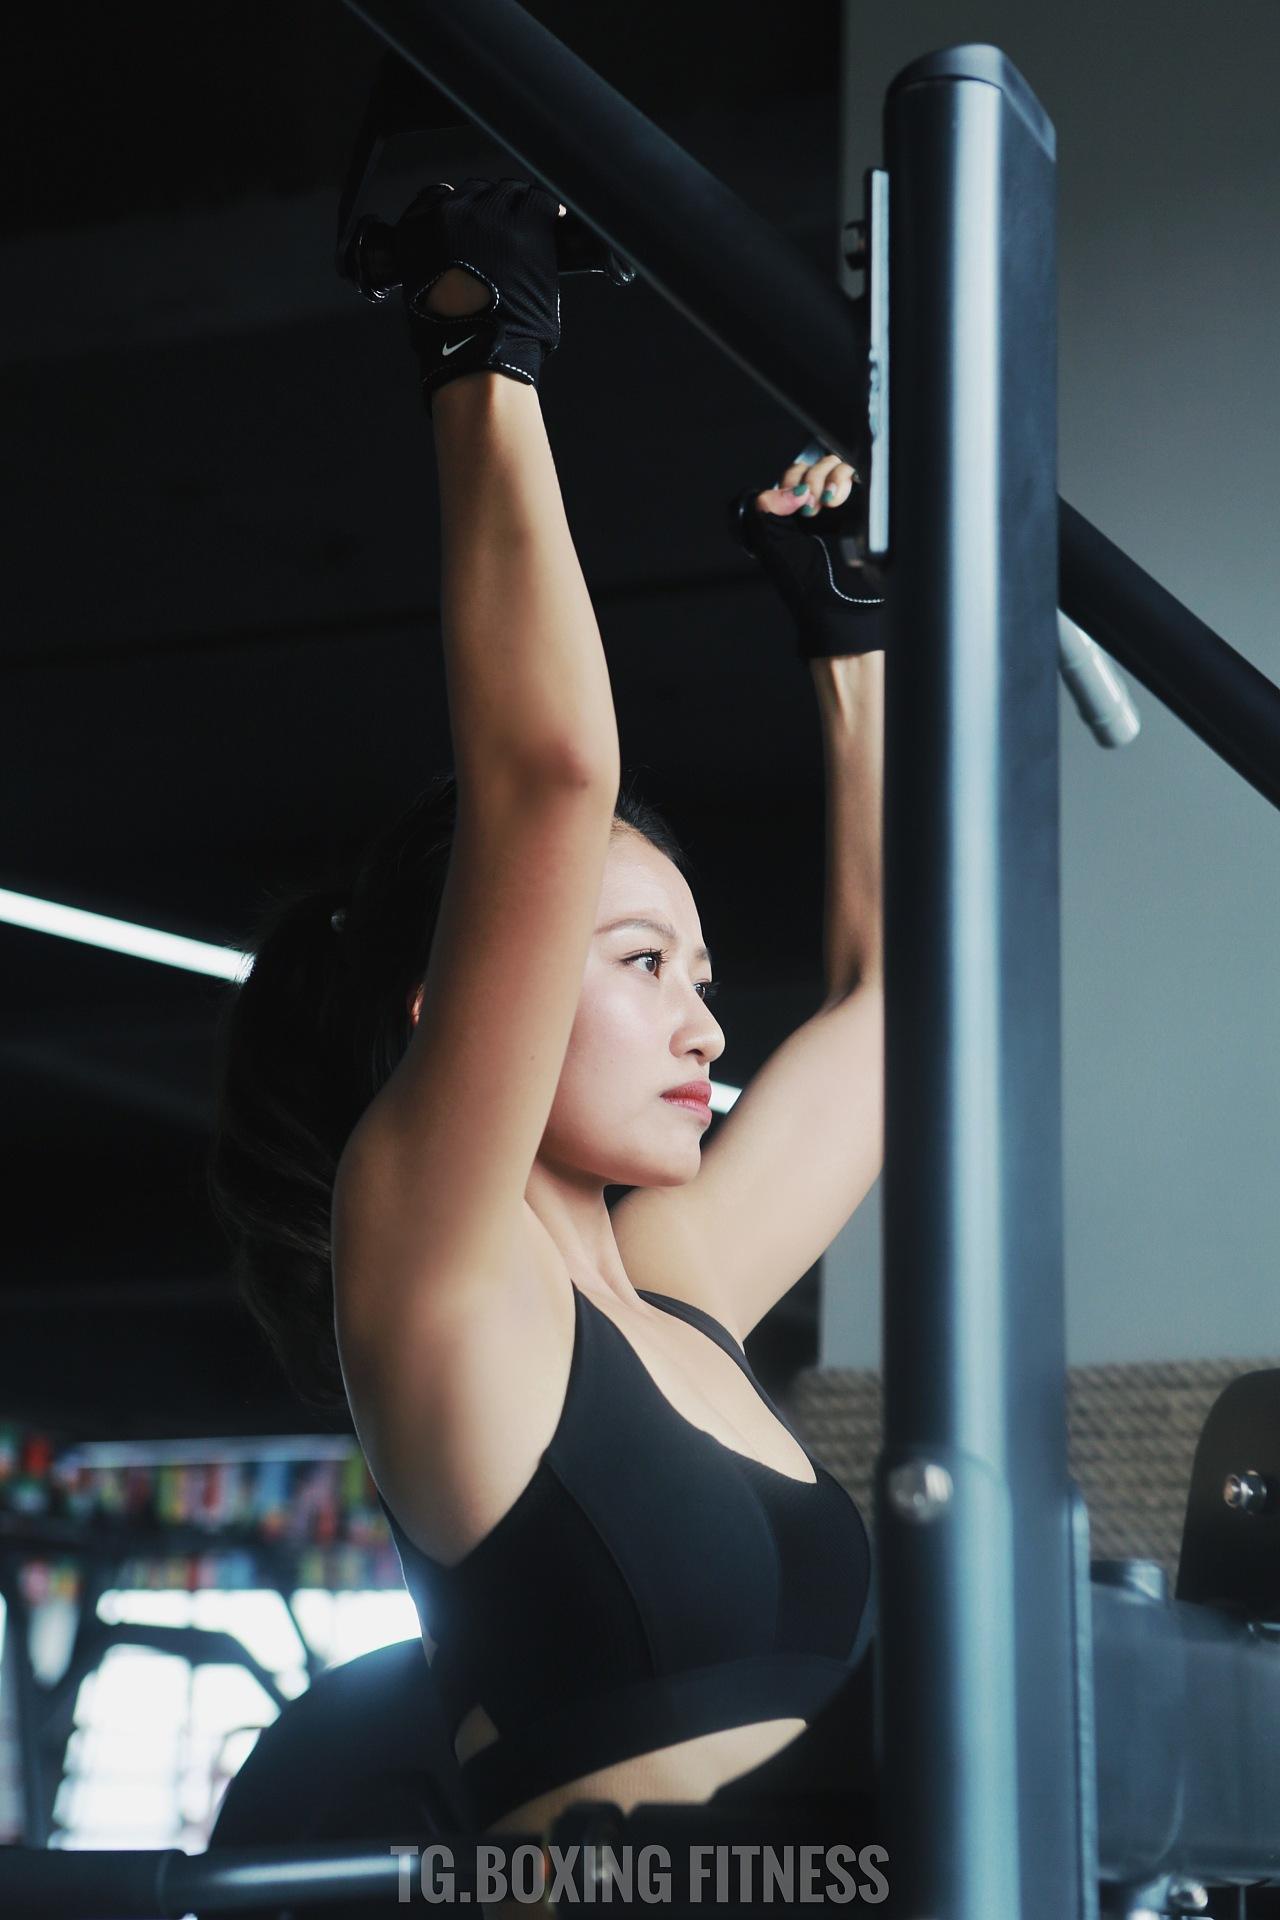 搏击健身私教工作室宣传照|摄影|人像|土豆星球